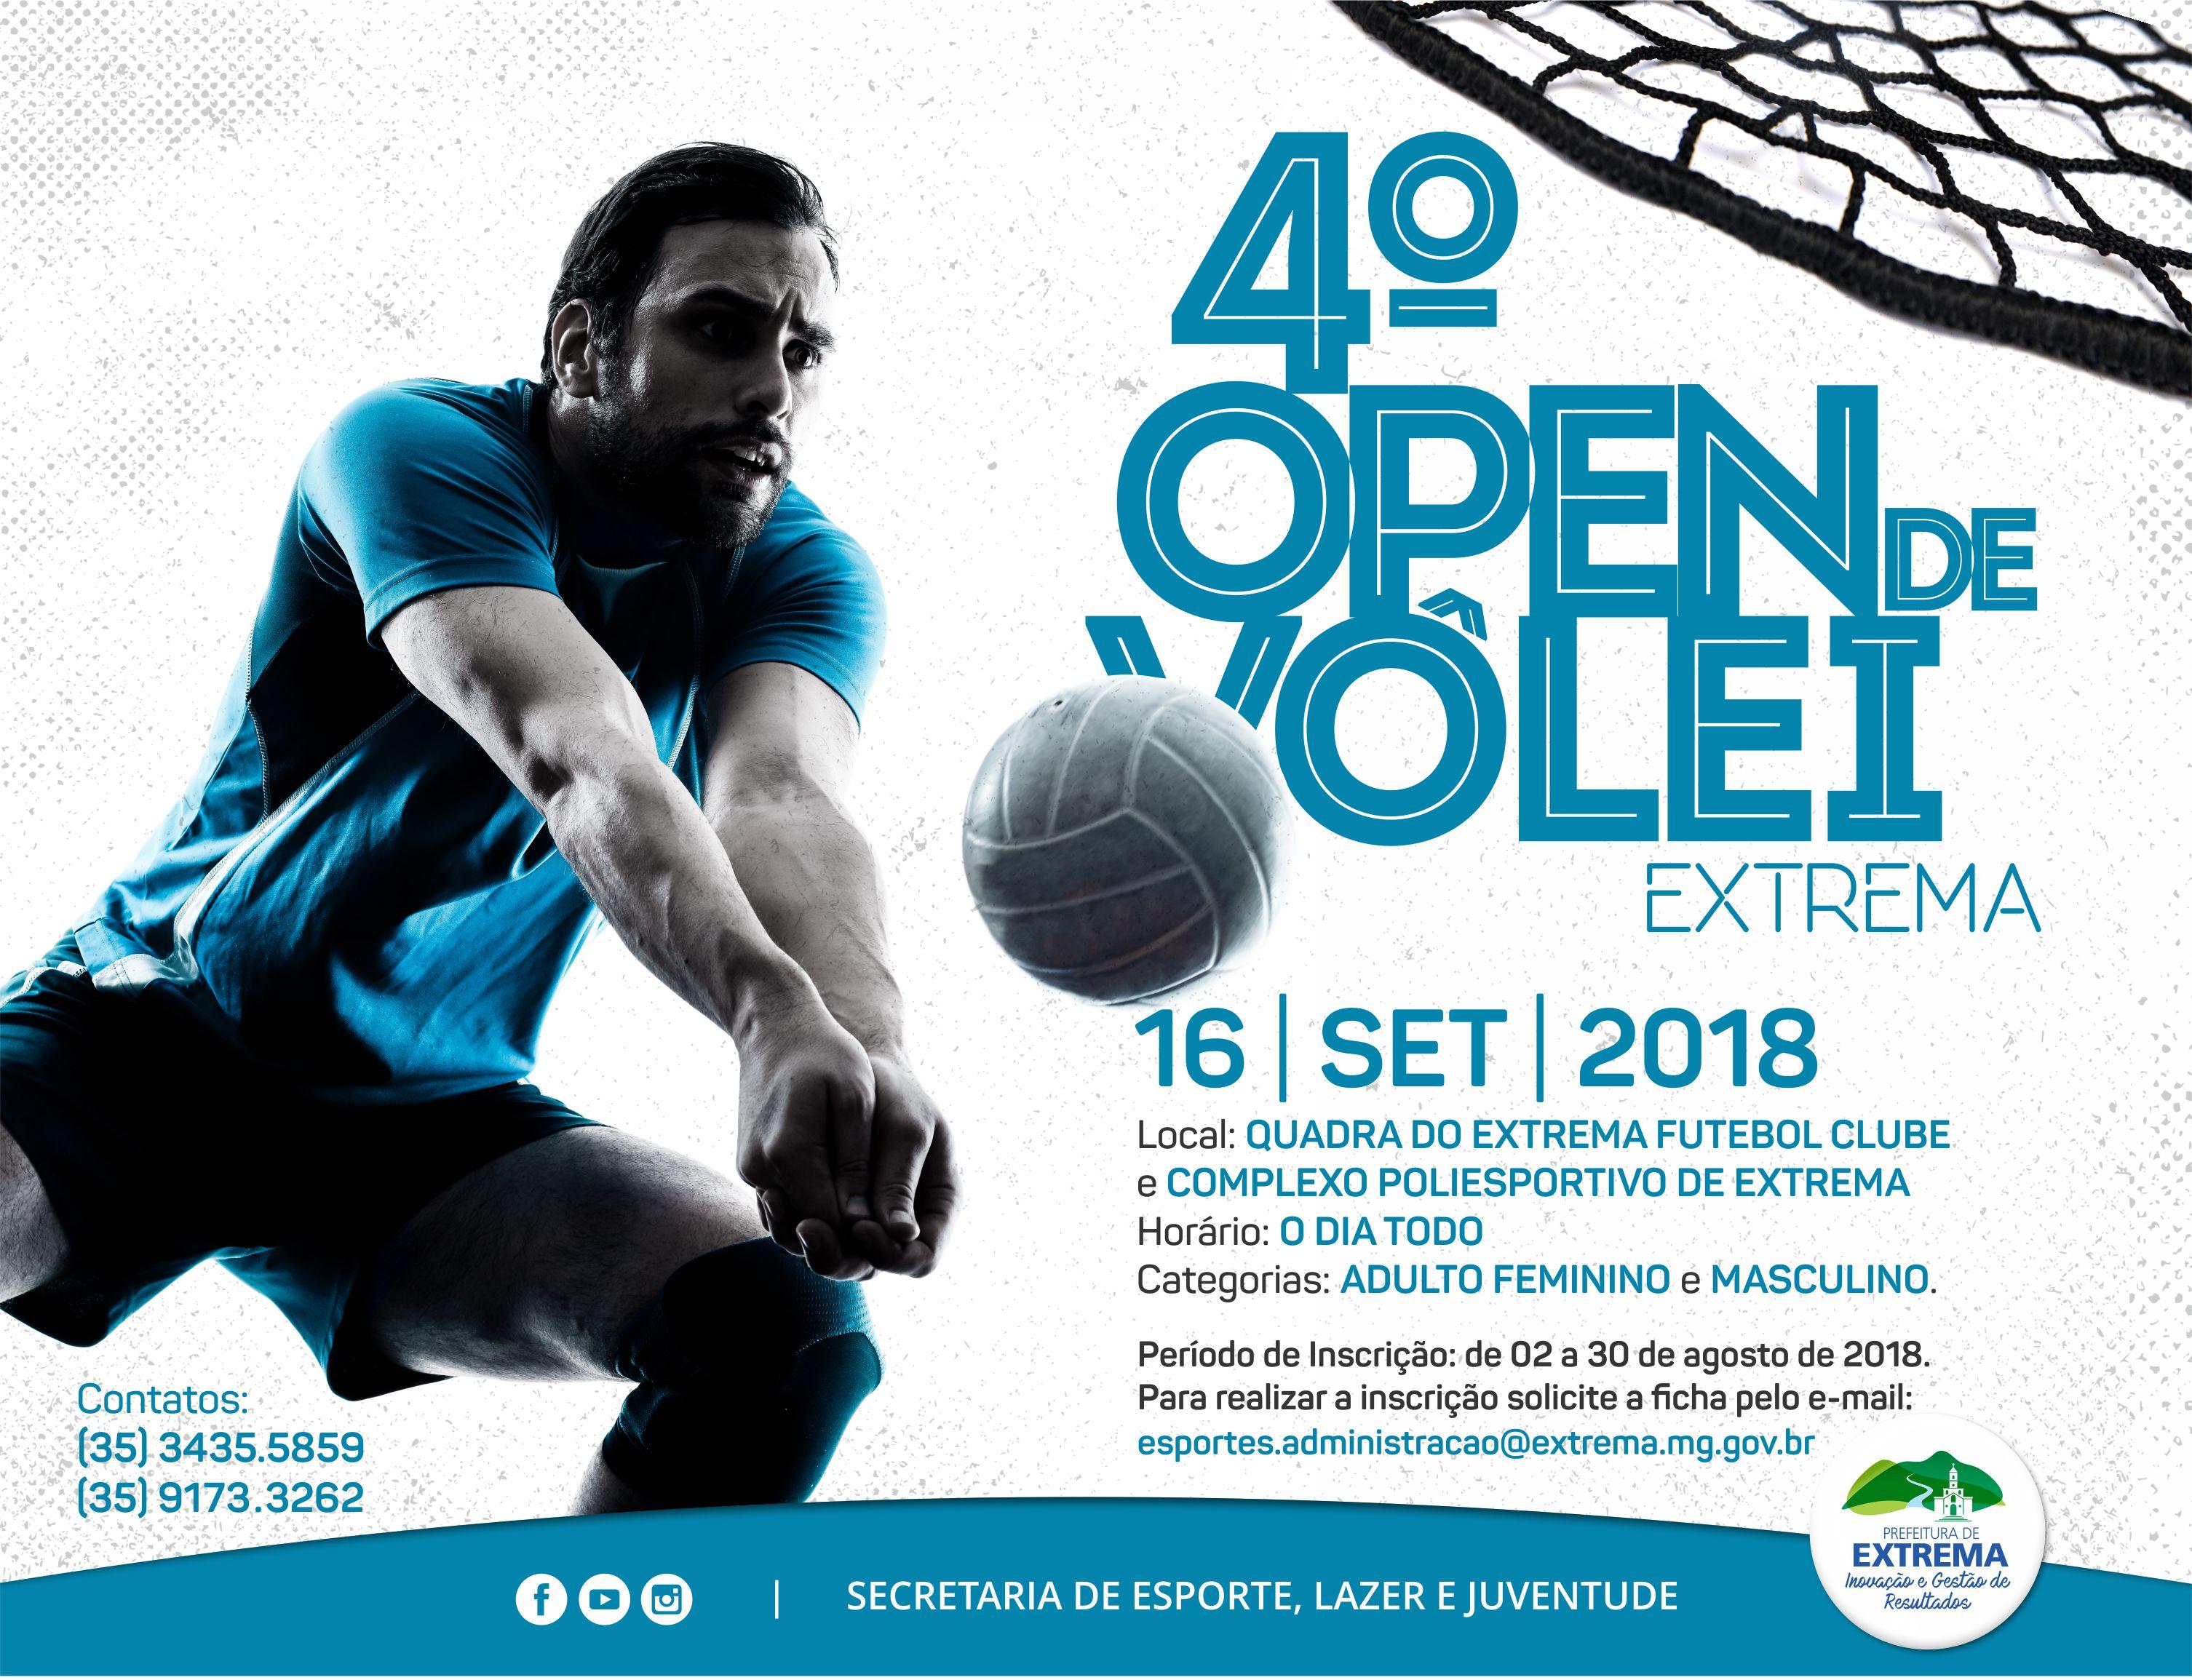 4º Open de Vôlei de Extrema